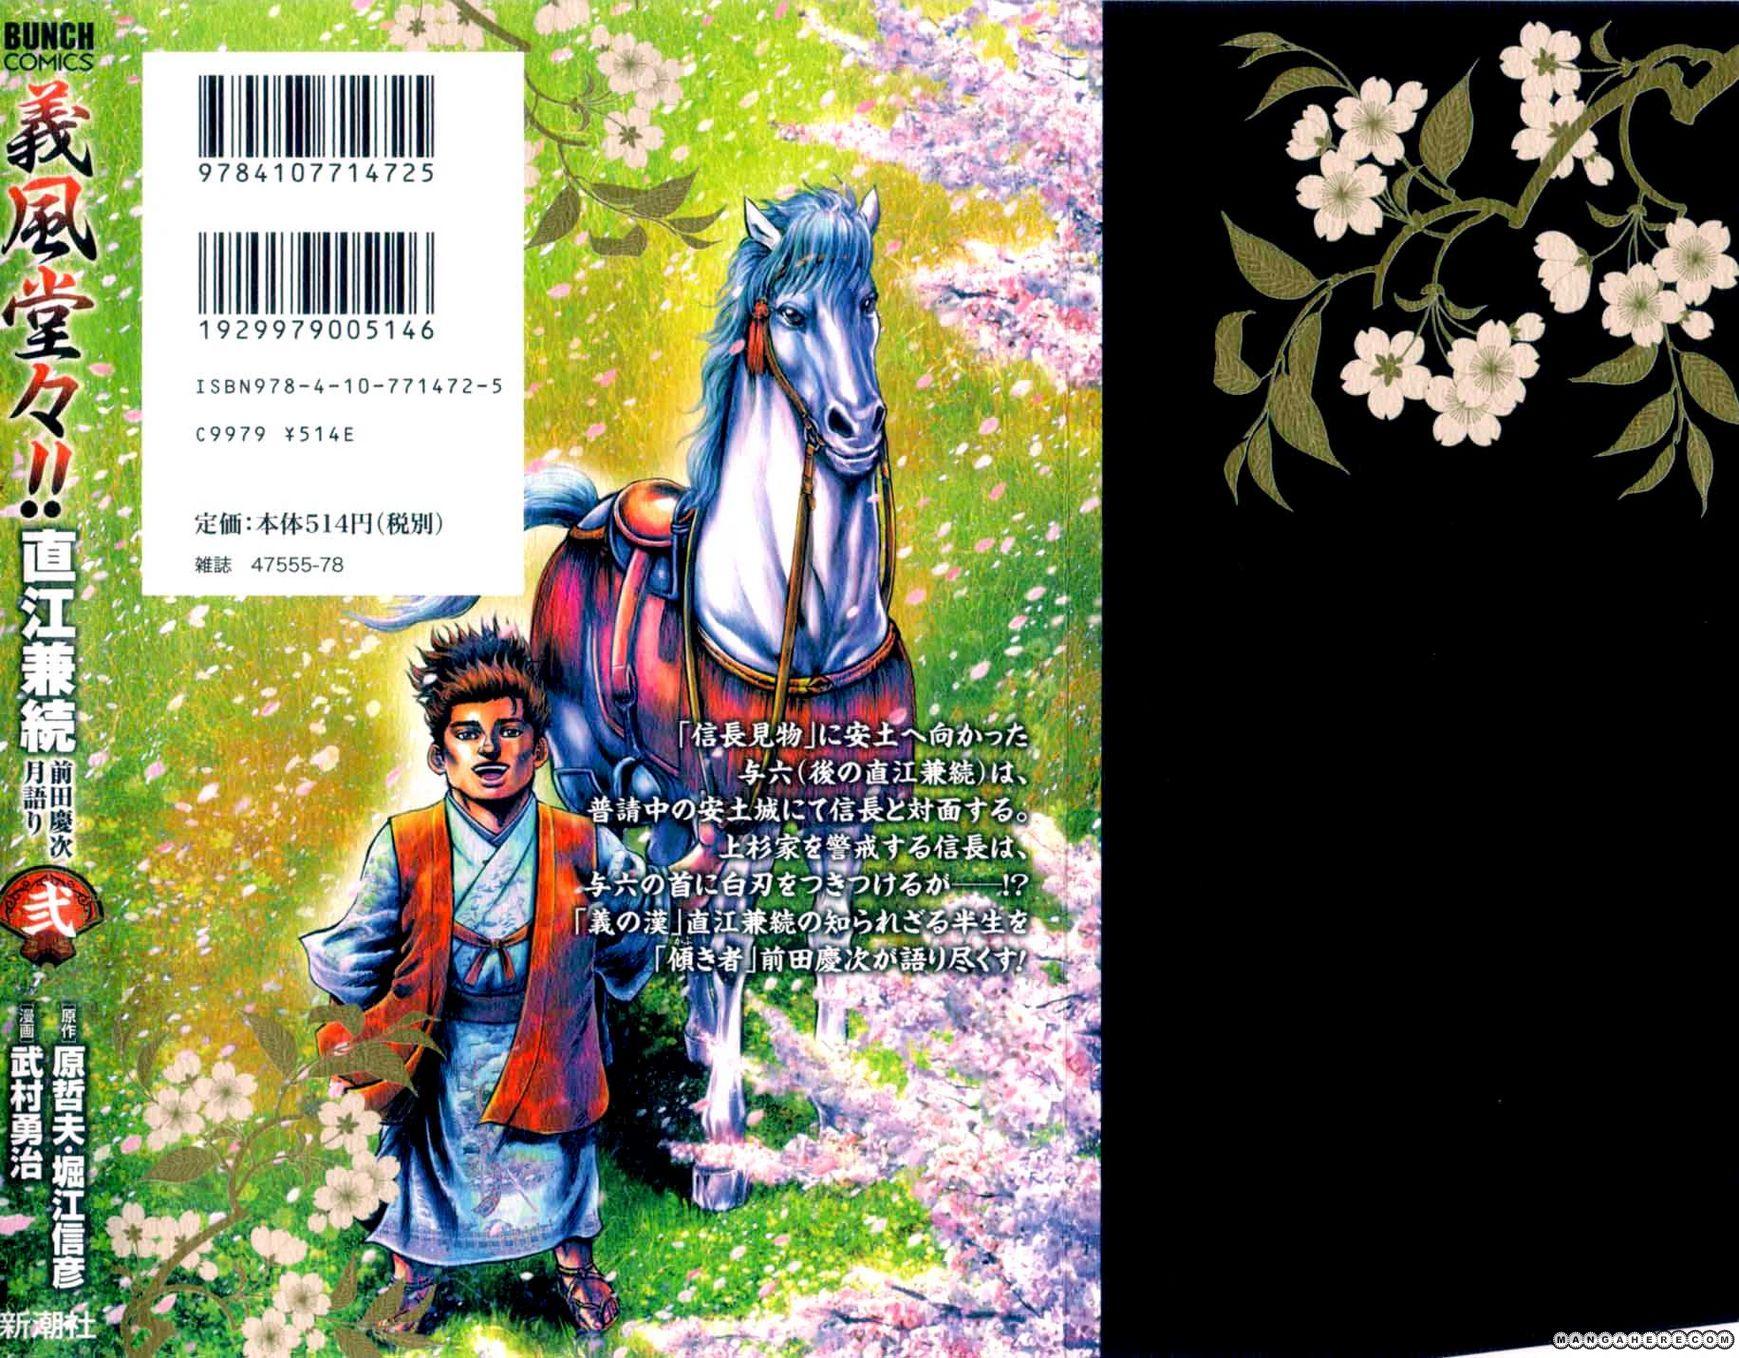 Gifuu Doudou Naoe Kanetsugu Maeda Keiji Sakegatari 6 Page 2